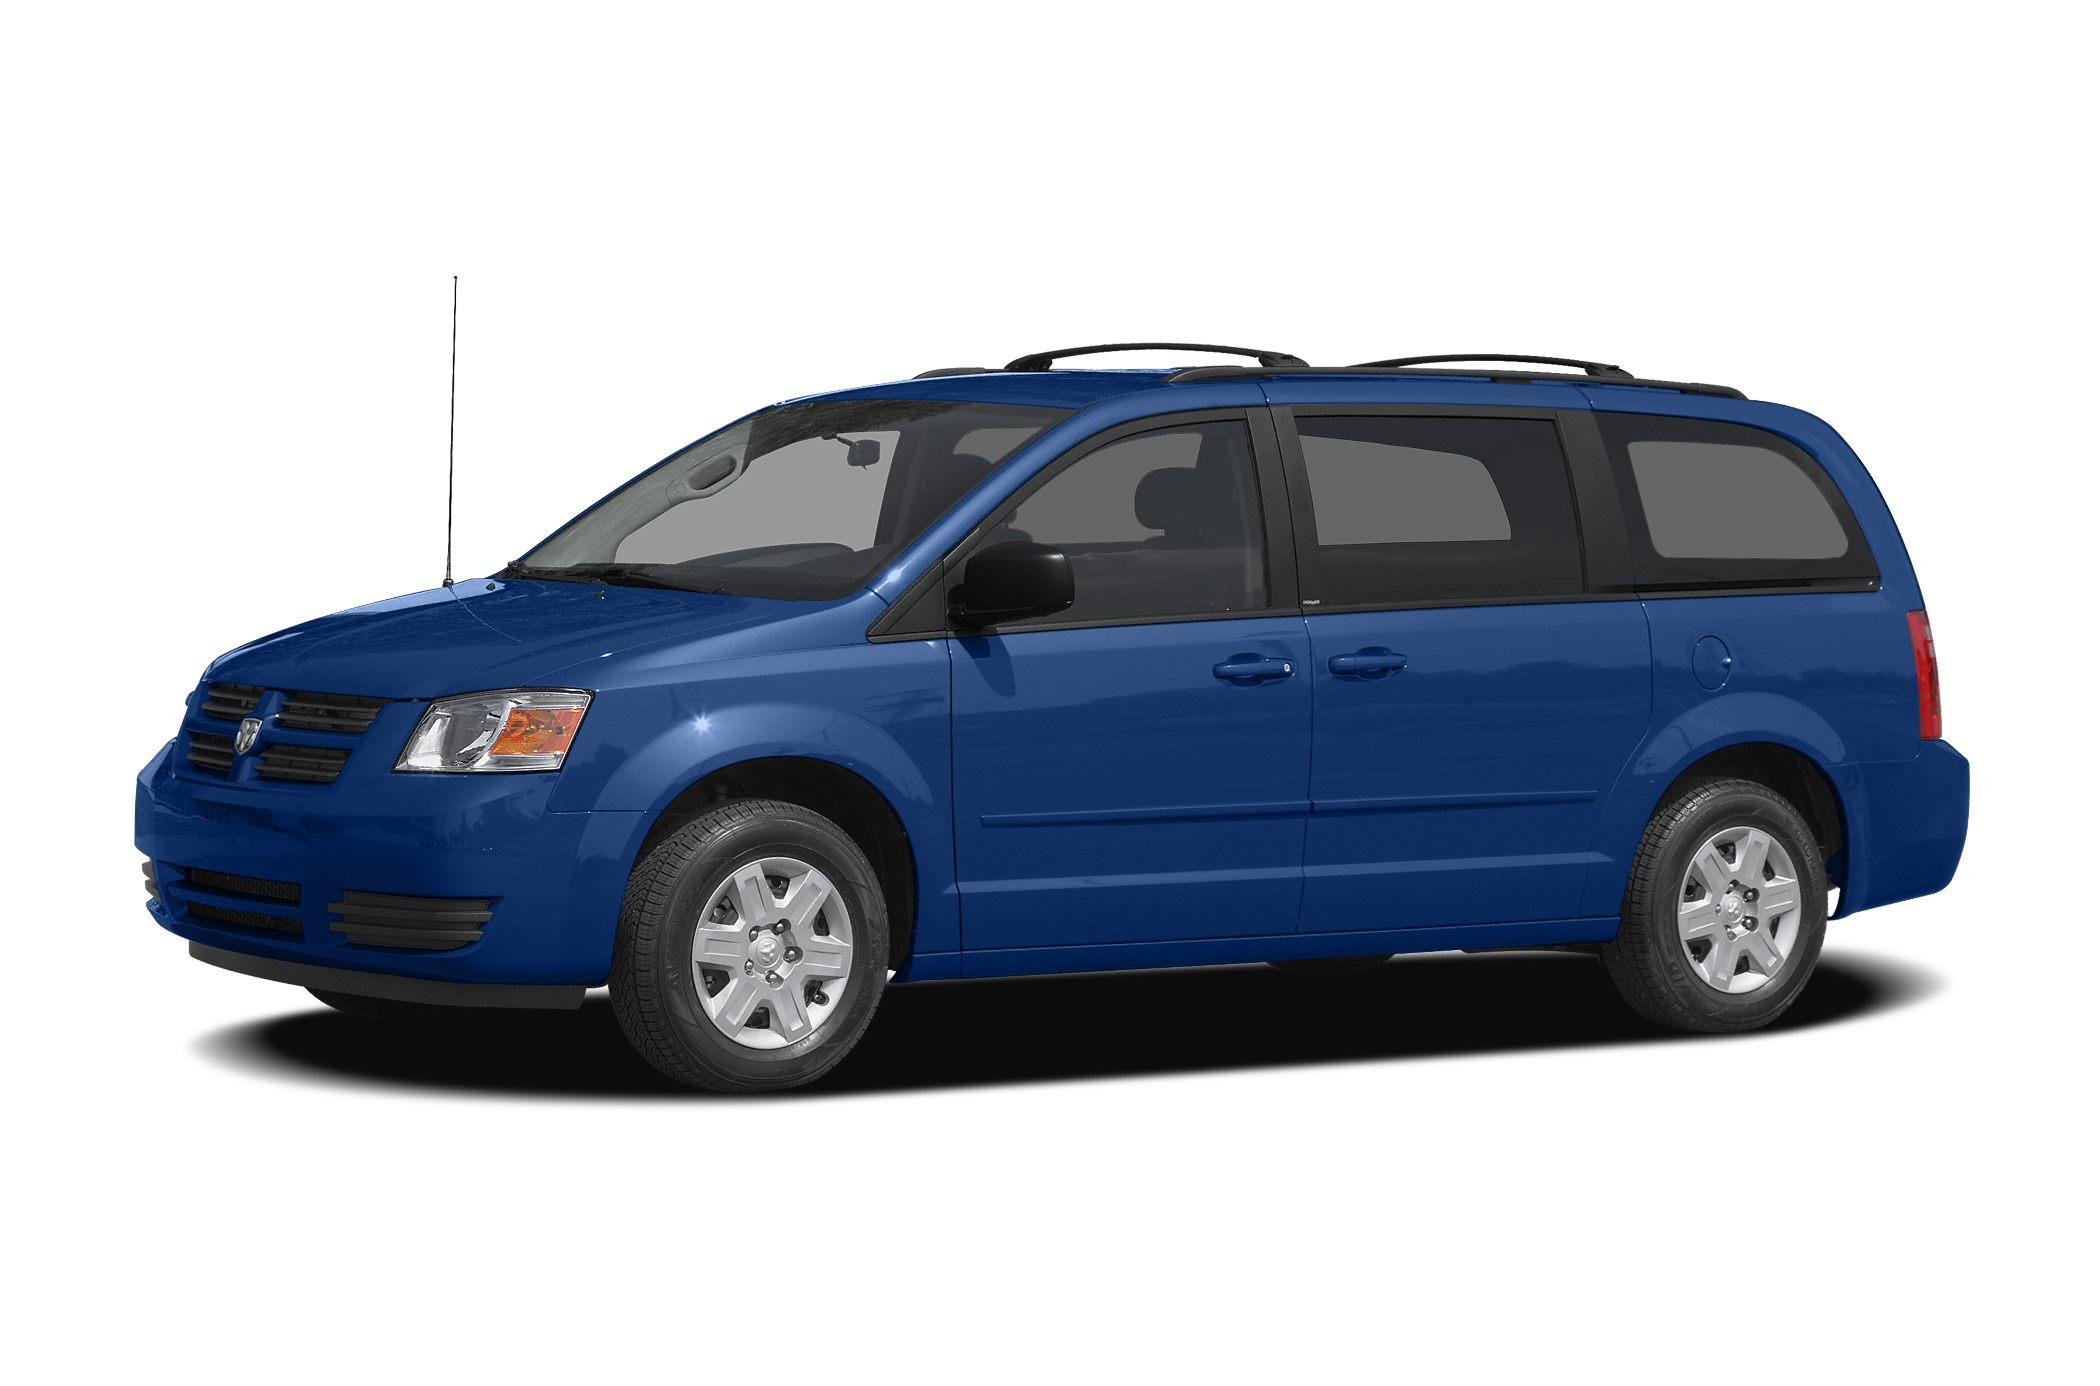 2008 Dodge Grand Caravan Pictures